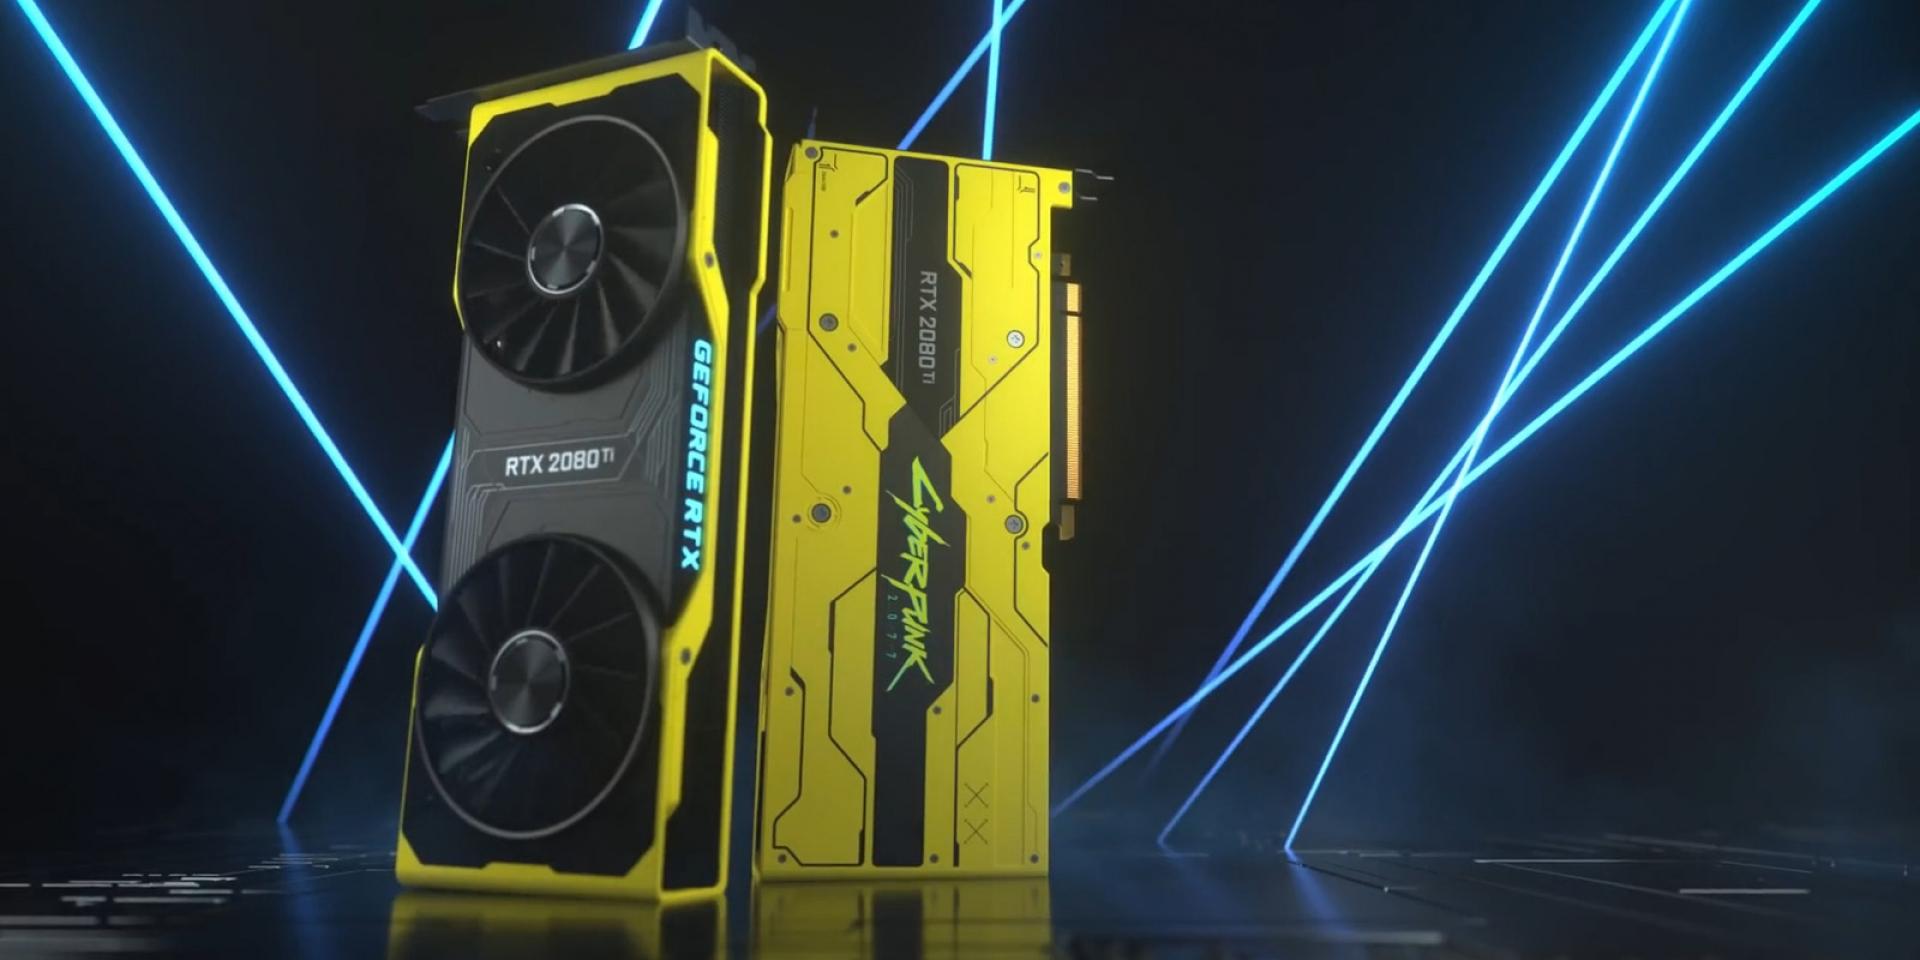 限量77張只抽不賣!NVIDIA推出RTX 2080 Ti推出「電馭叛客2077」聯名款